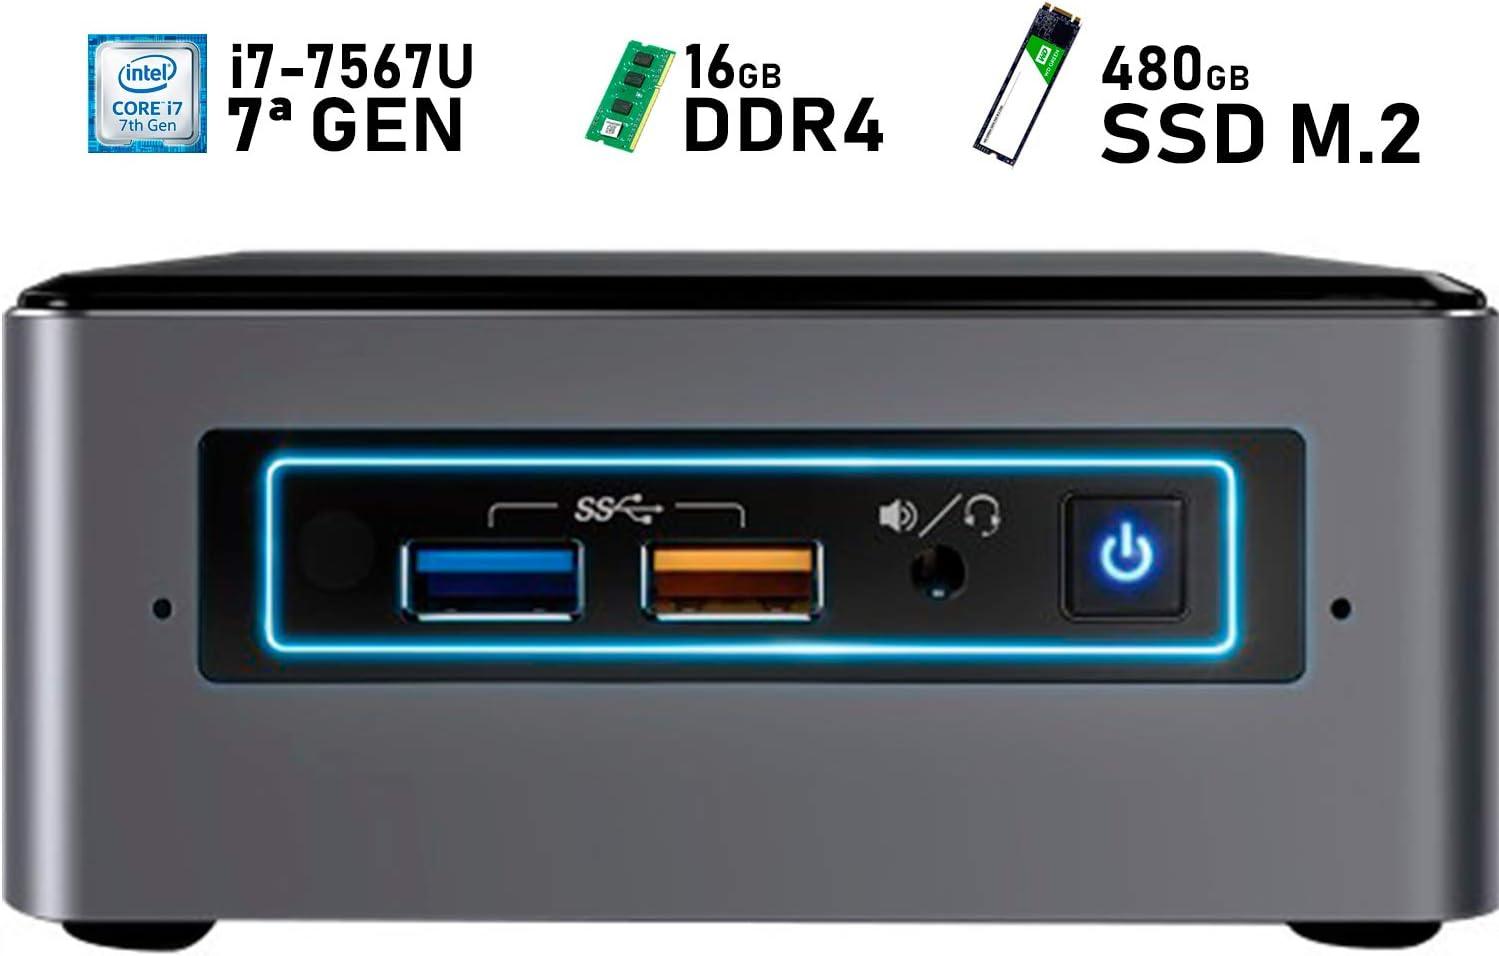 Intel NUC i7-7567U + 16GB DDR4 + 480GB SSD M.2 + Windows 10 Pro ...